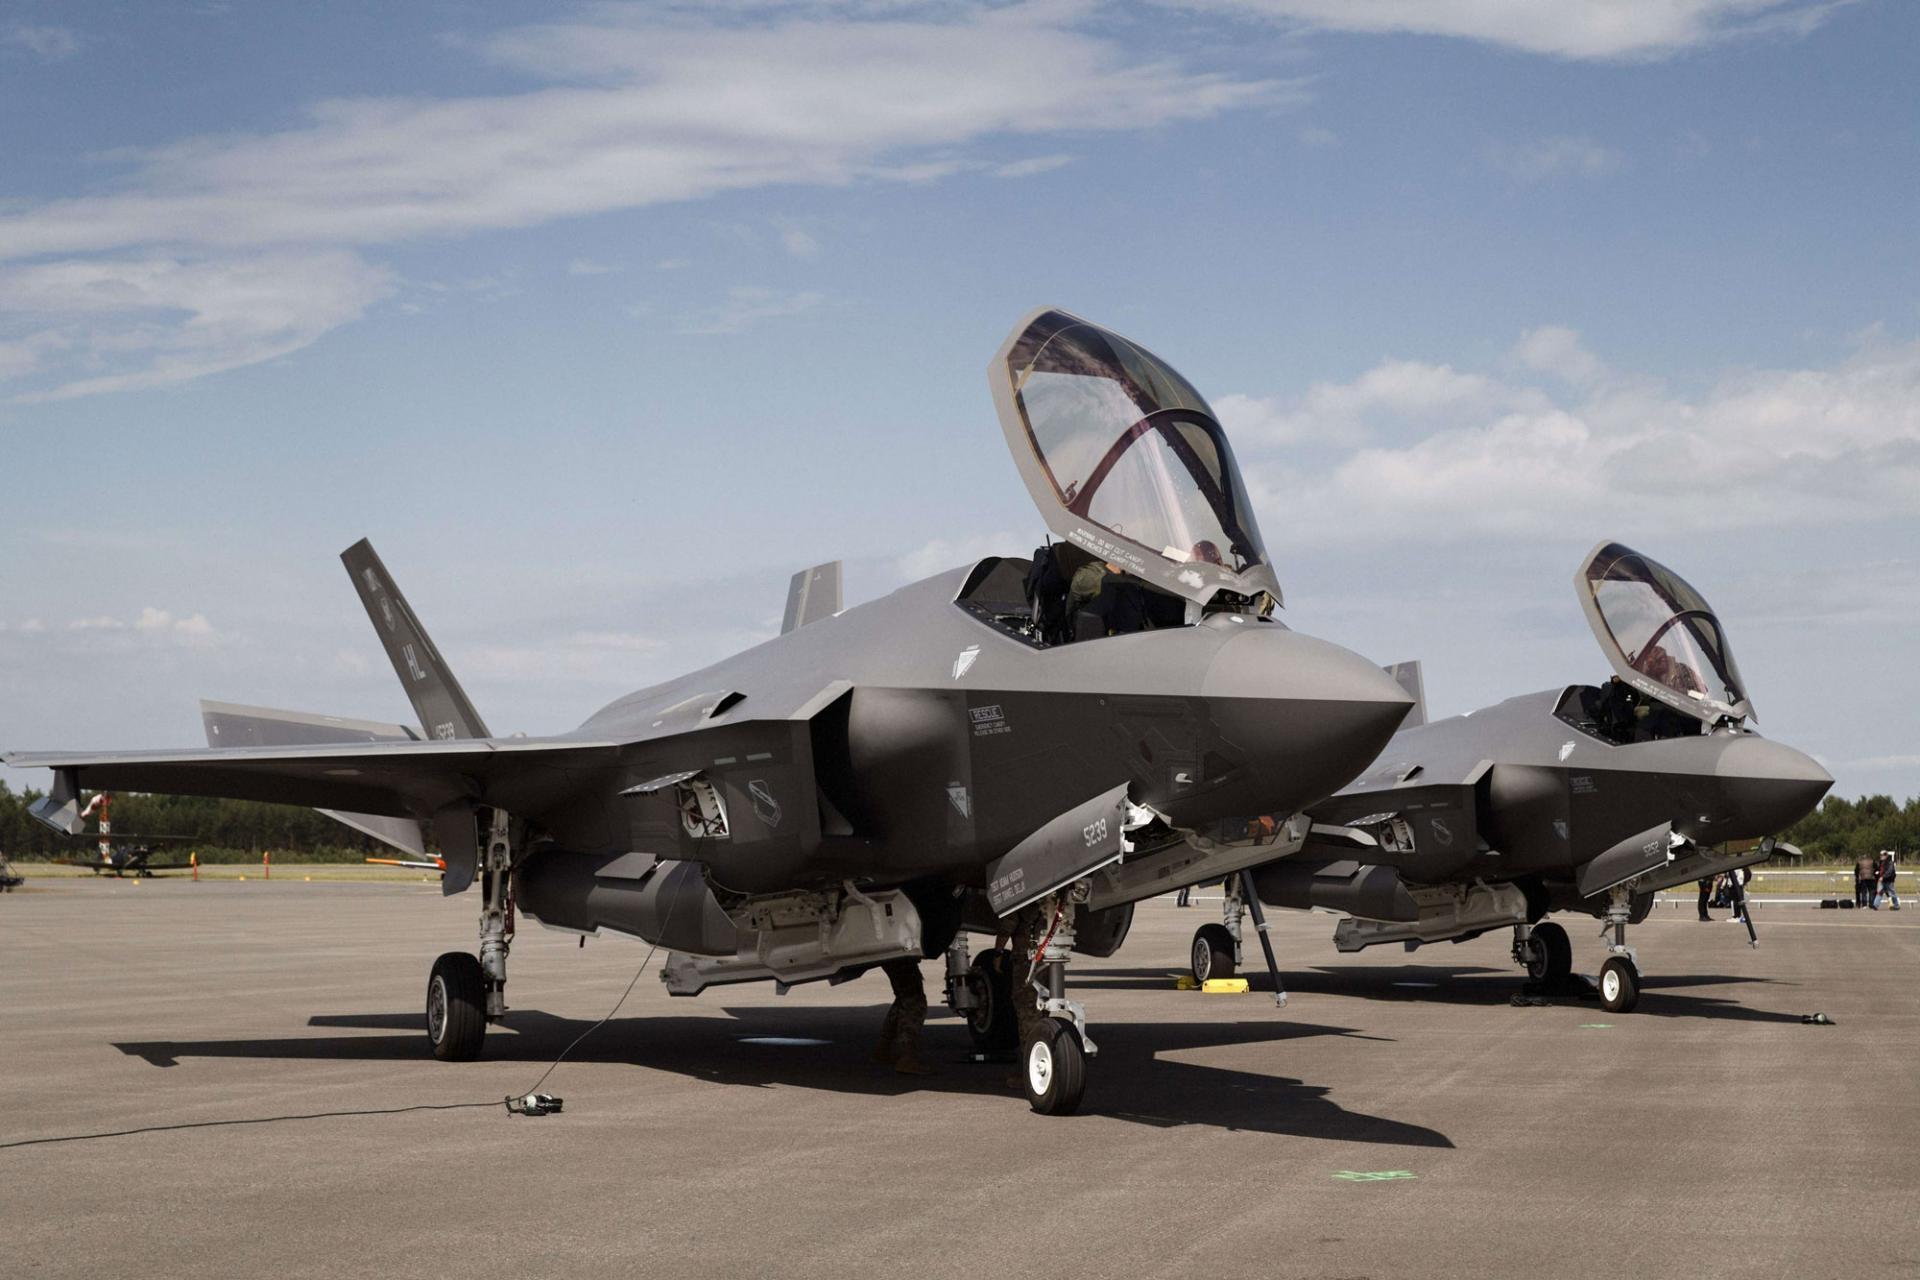 """الإسرائيلي يتسلم طائرتين مقاتلتين جديدتين من طراز """"إف 35"""""""